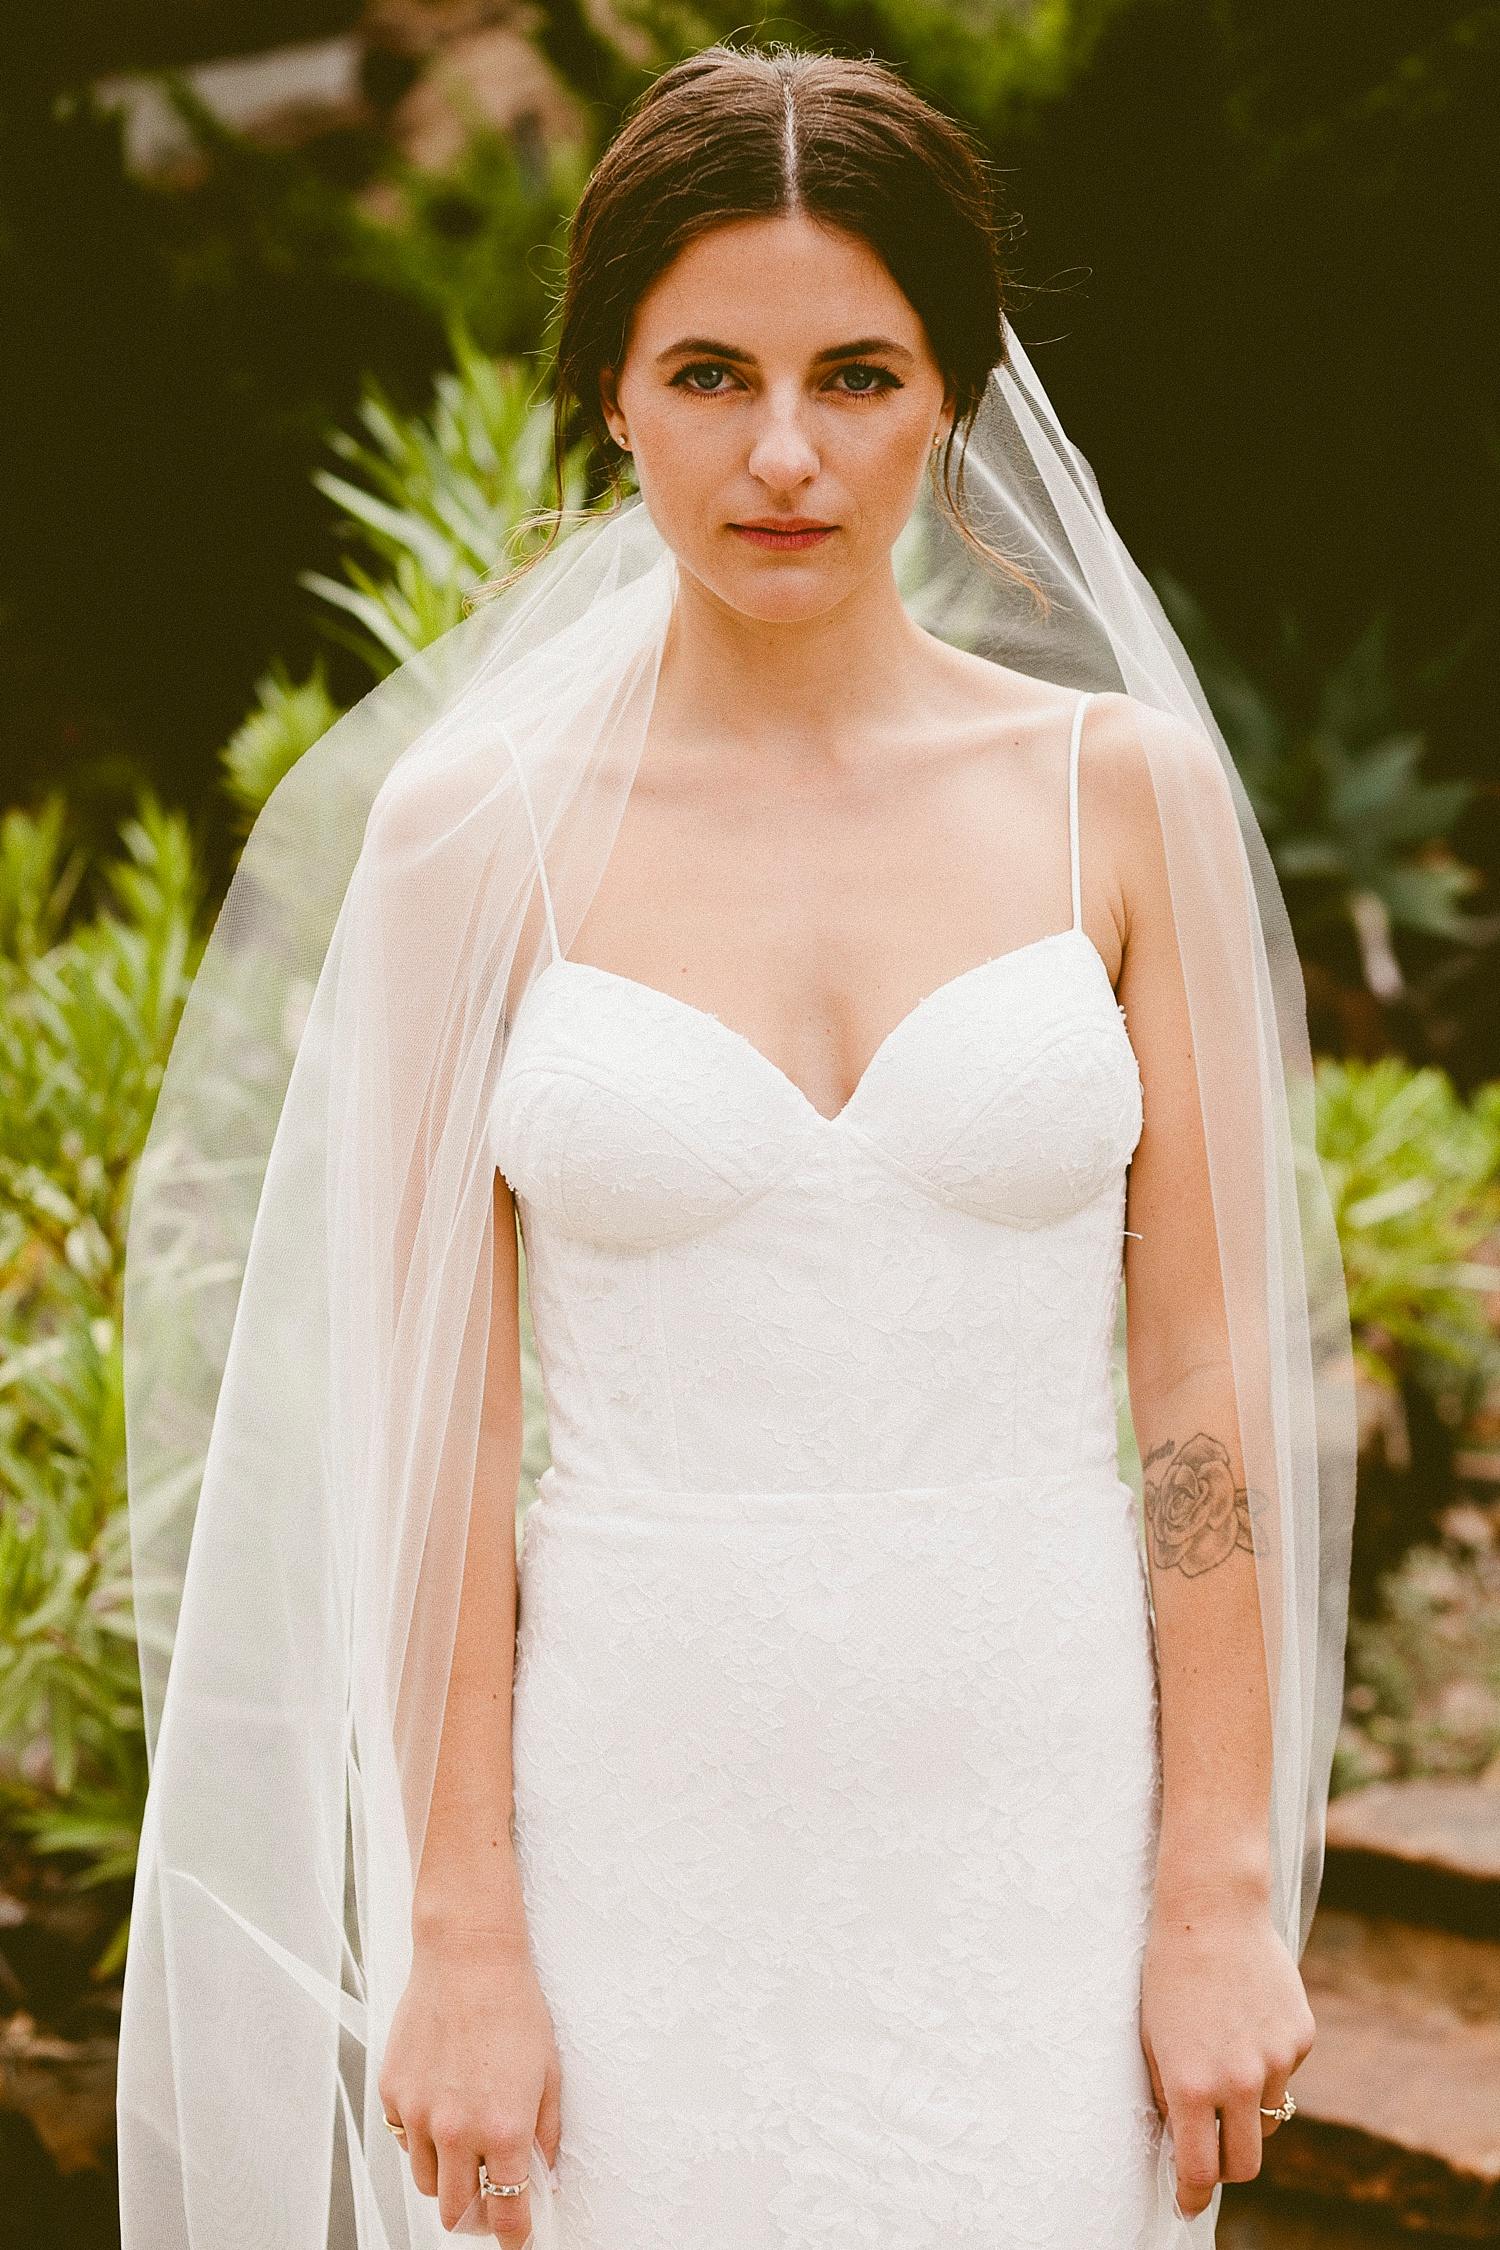 Bridget_Zak_Married_055.jpg